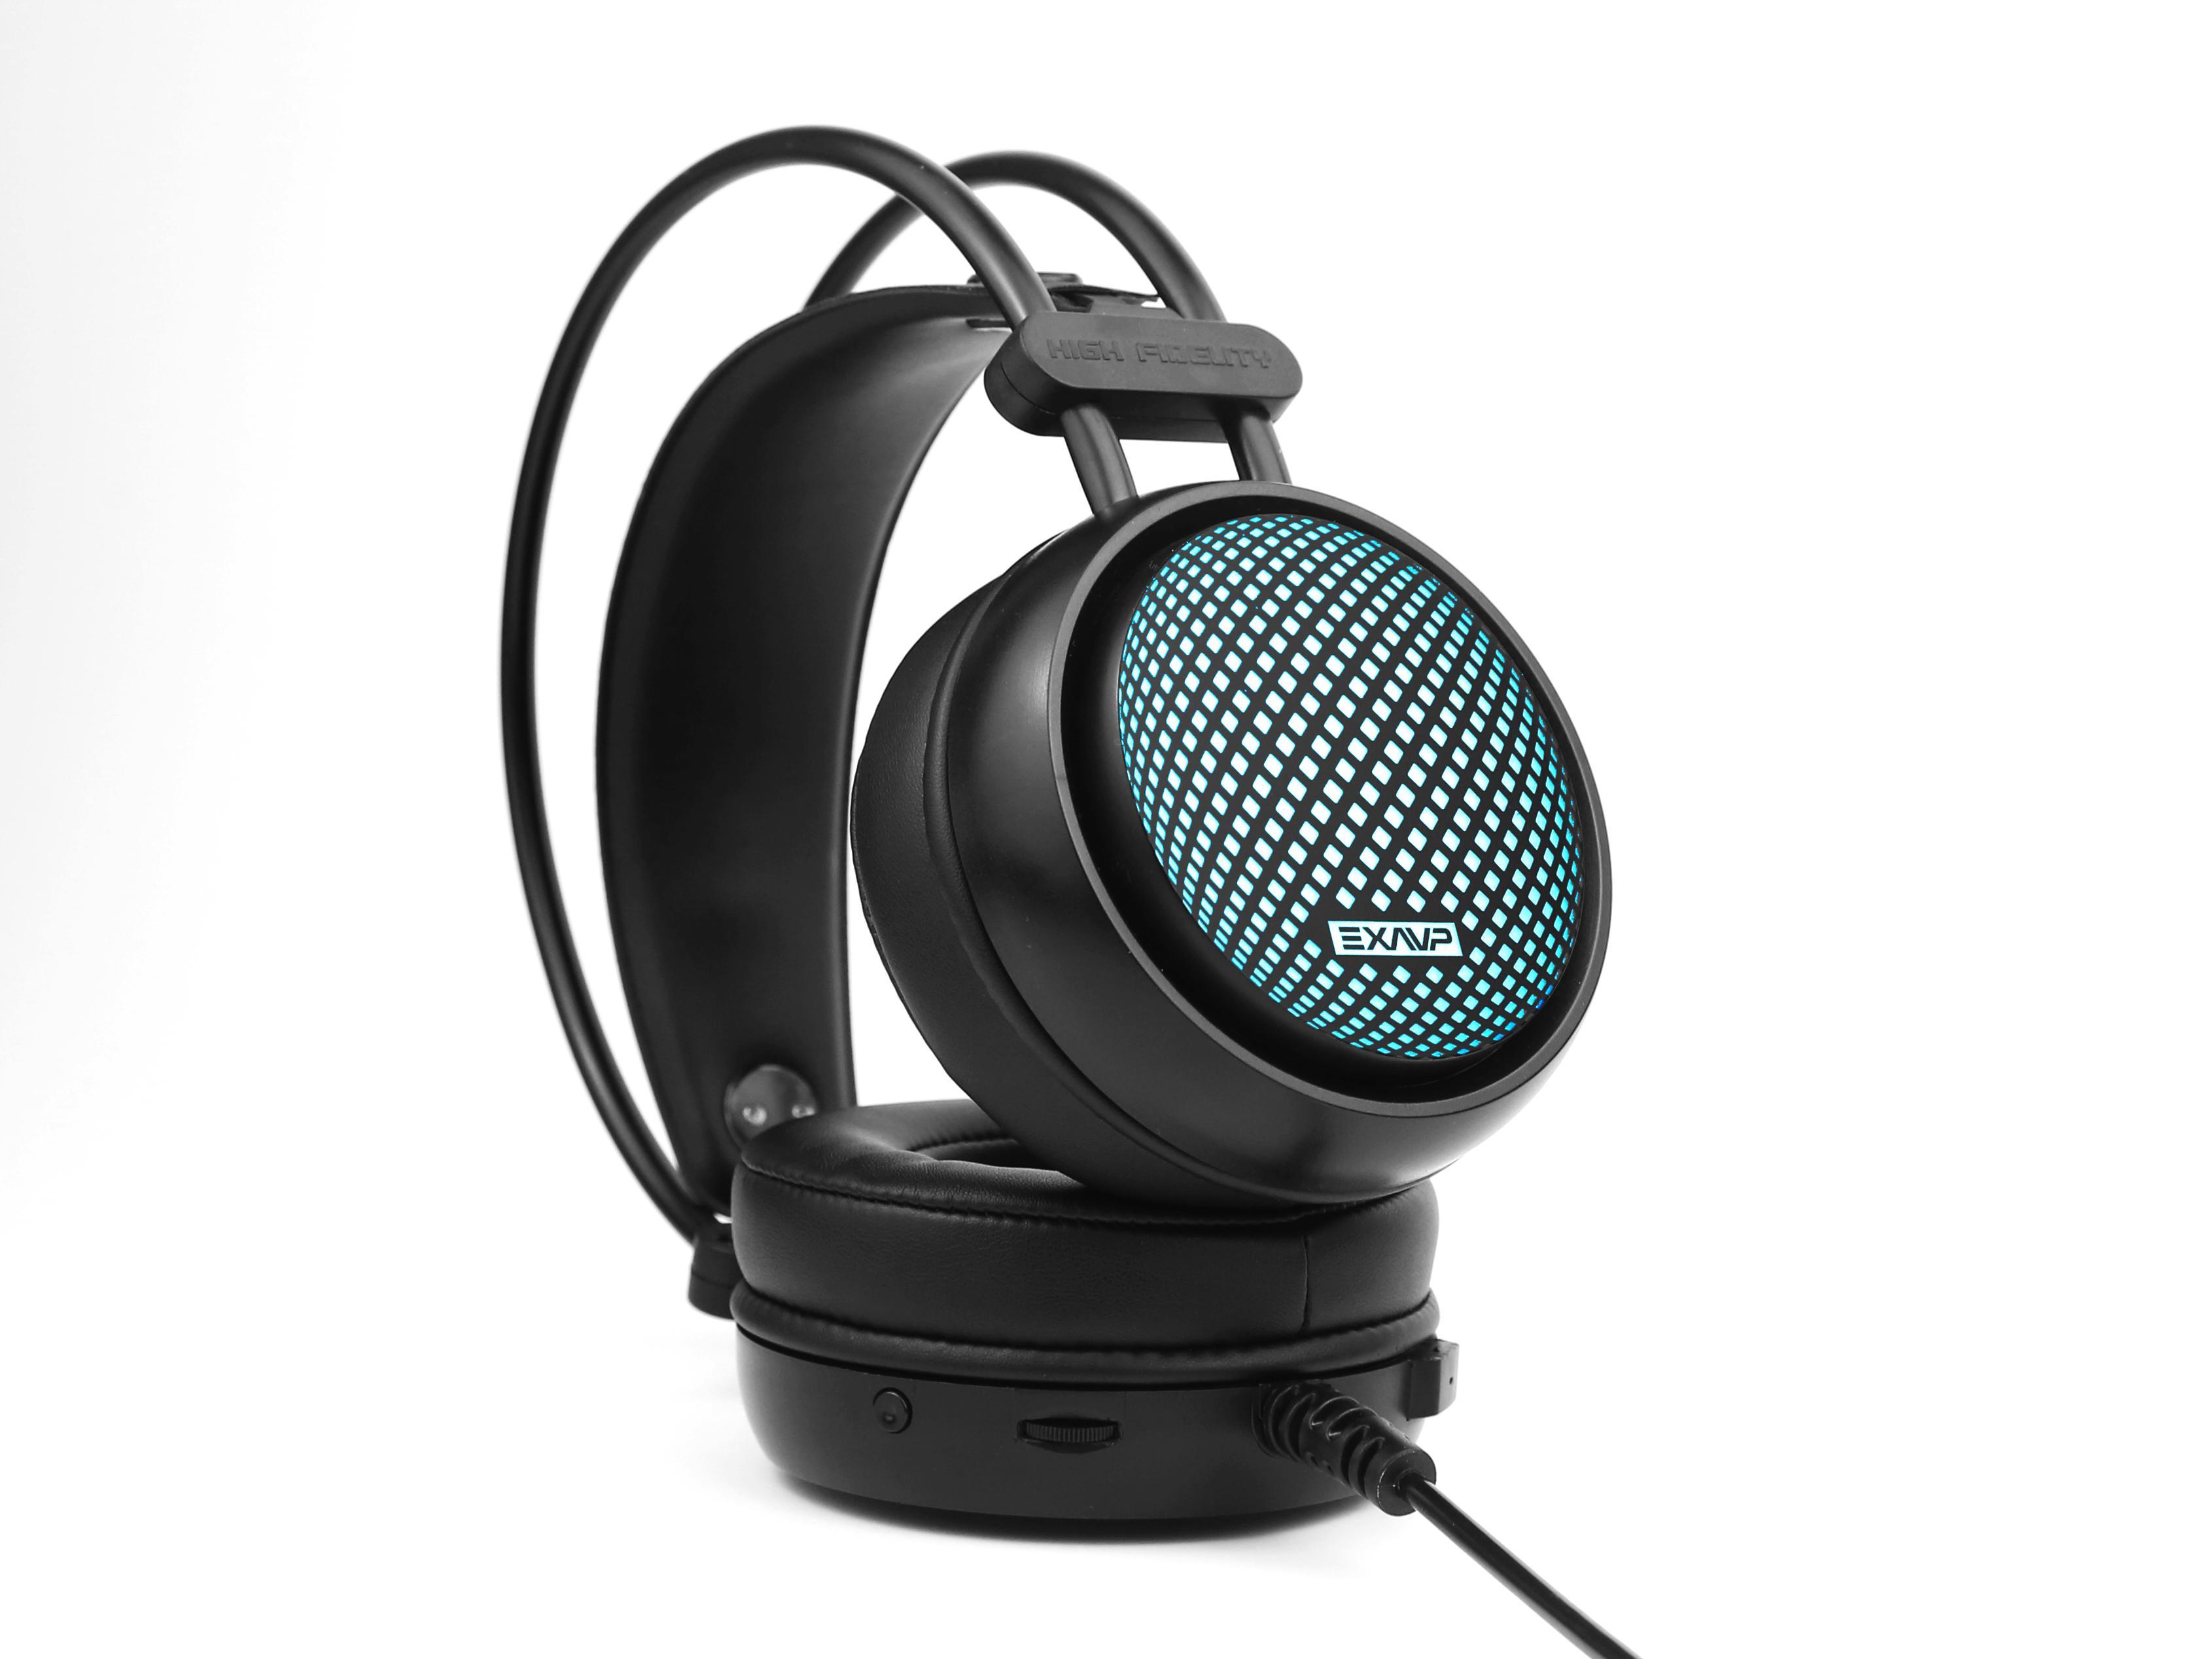 Tai nghe chuyên game EXAVP EX310